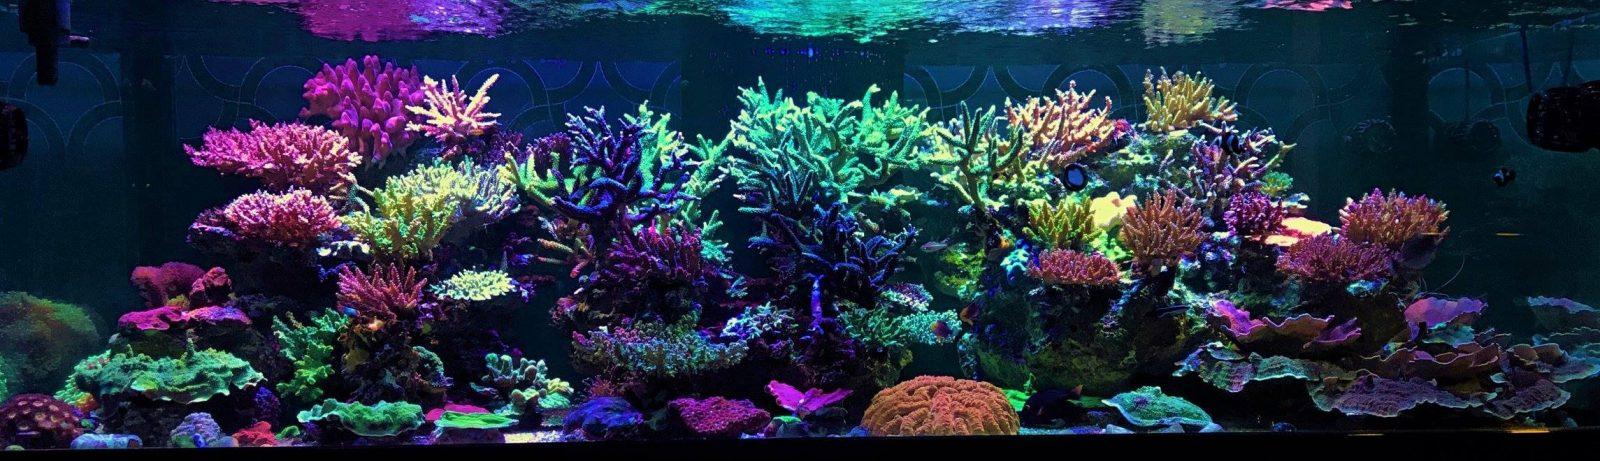 amazong-reef-aquarium-orphek